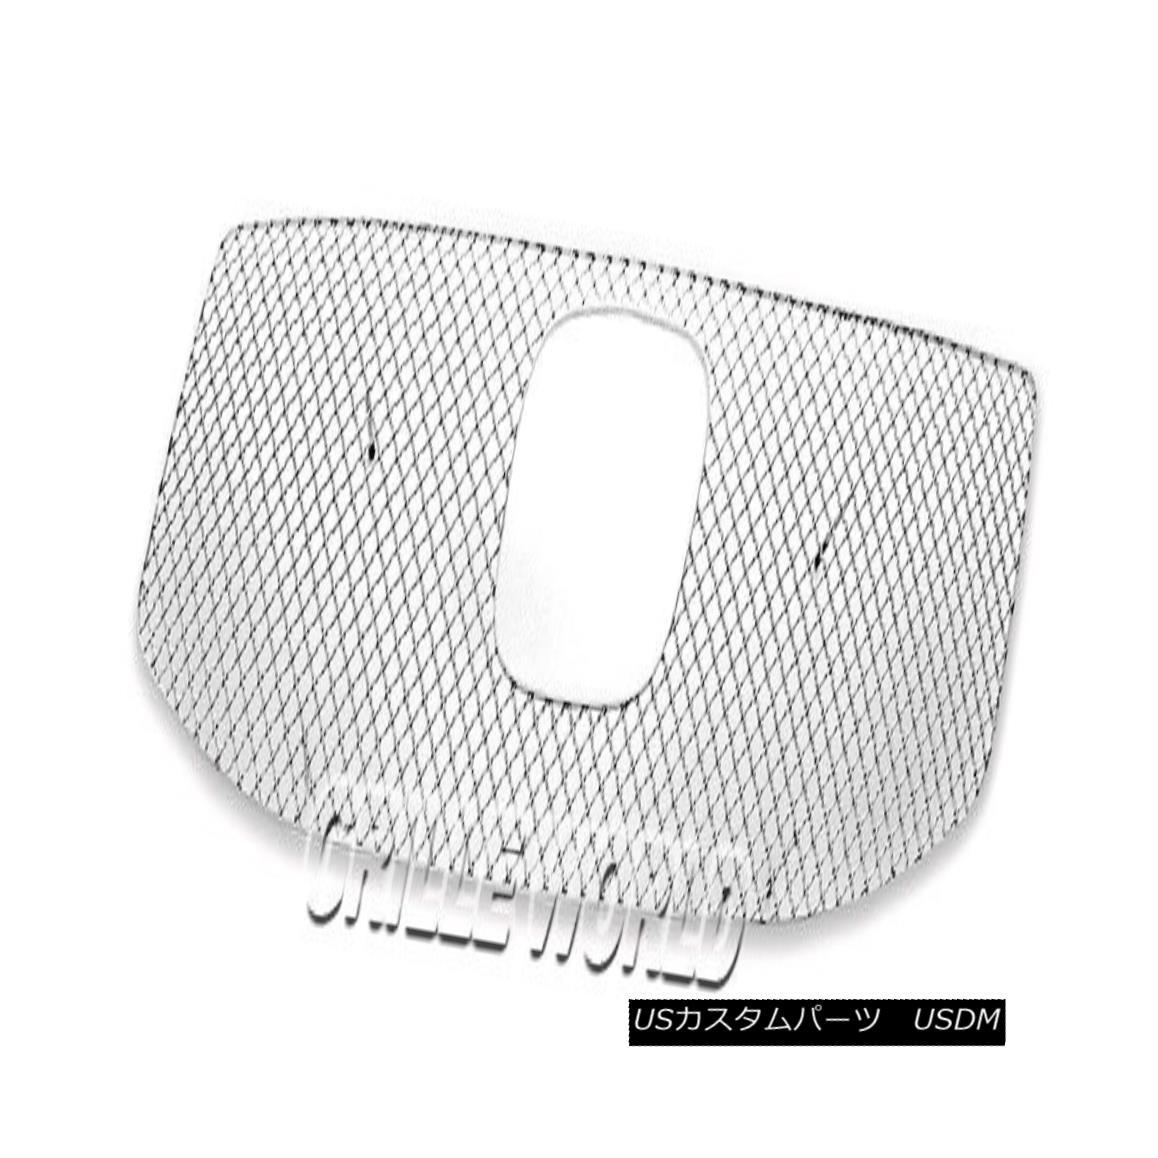 グリル For 2012-2015 Honda Pilot Stainless Steel Wire X Mesh Blitz Grille 2012-2015ホンダパイロットステンレス鋼線Xメッシュブリッツグリル